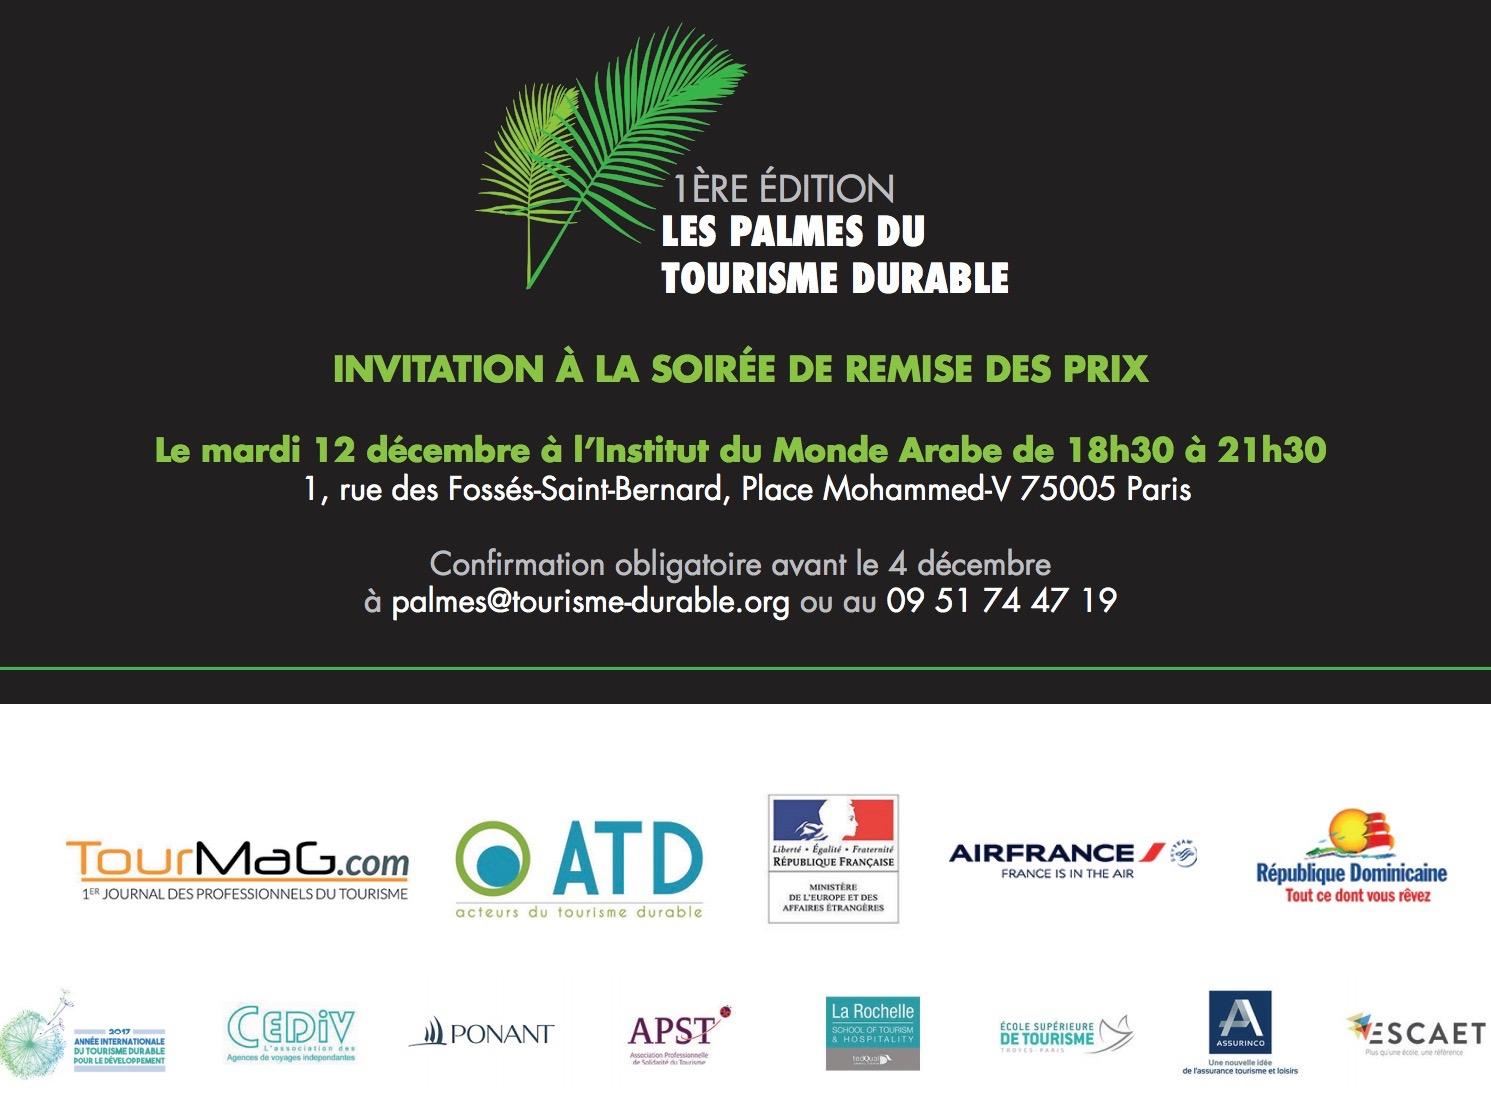 Confirmez votre présence en adressant un email de confirmation à palmes@tourisme-durable.org ou appelez le 09 51 74 47 19